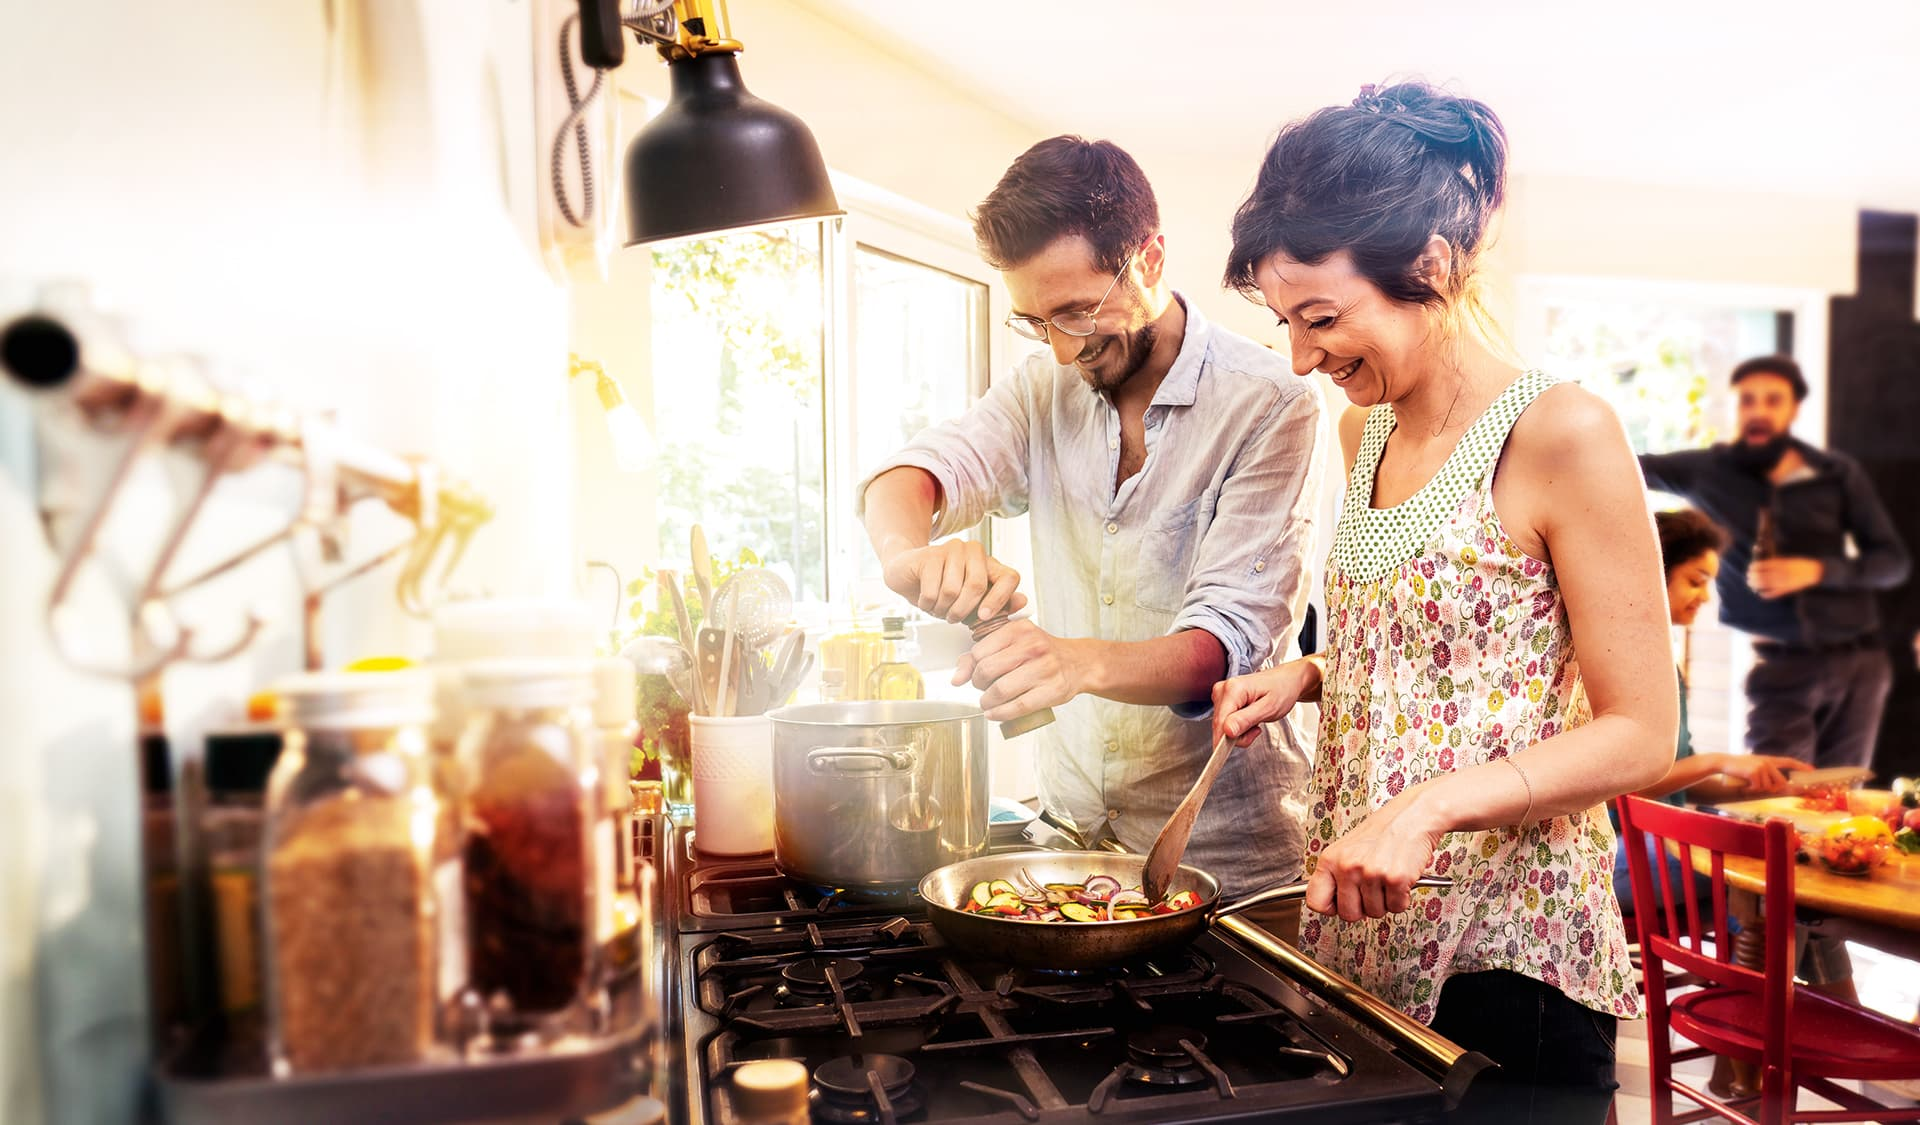 Mann und Frau in der Küche. Sie rührt in der Pfanne, er mahlt Pfeffer